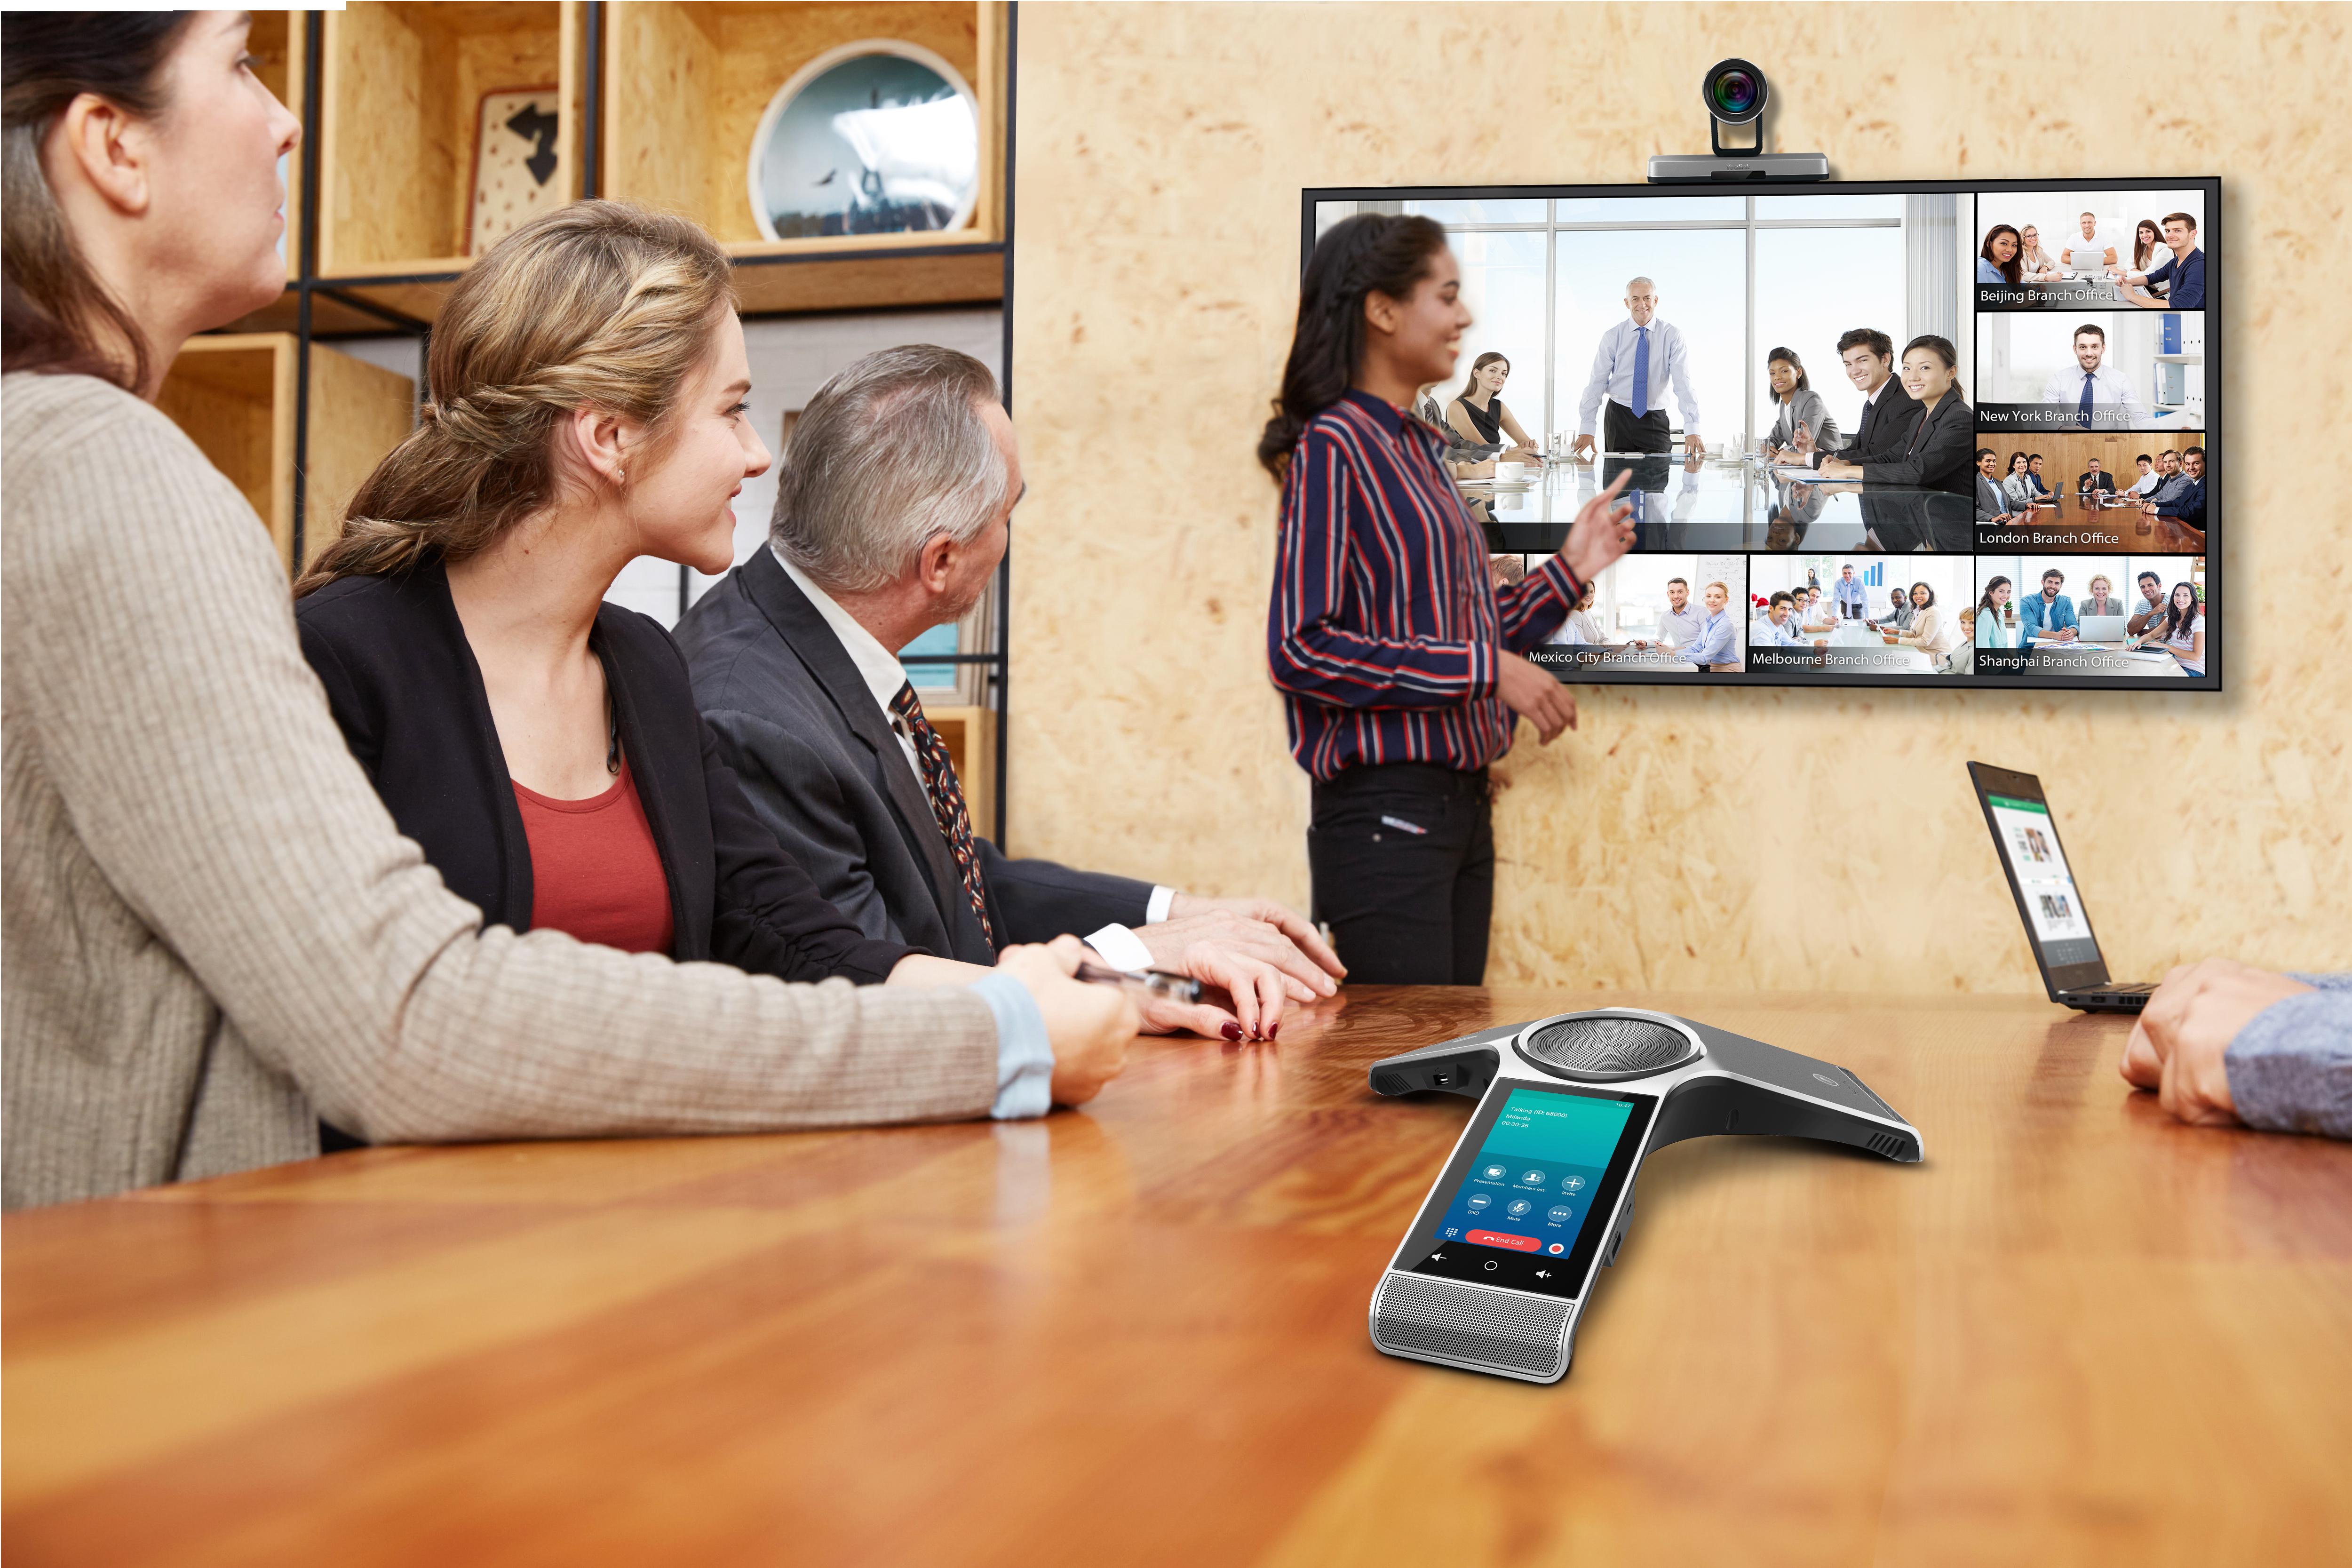 Yealink VC800 Video Conference Scenario